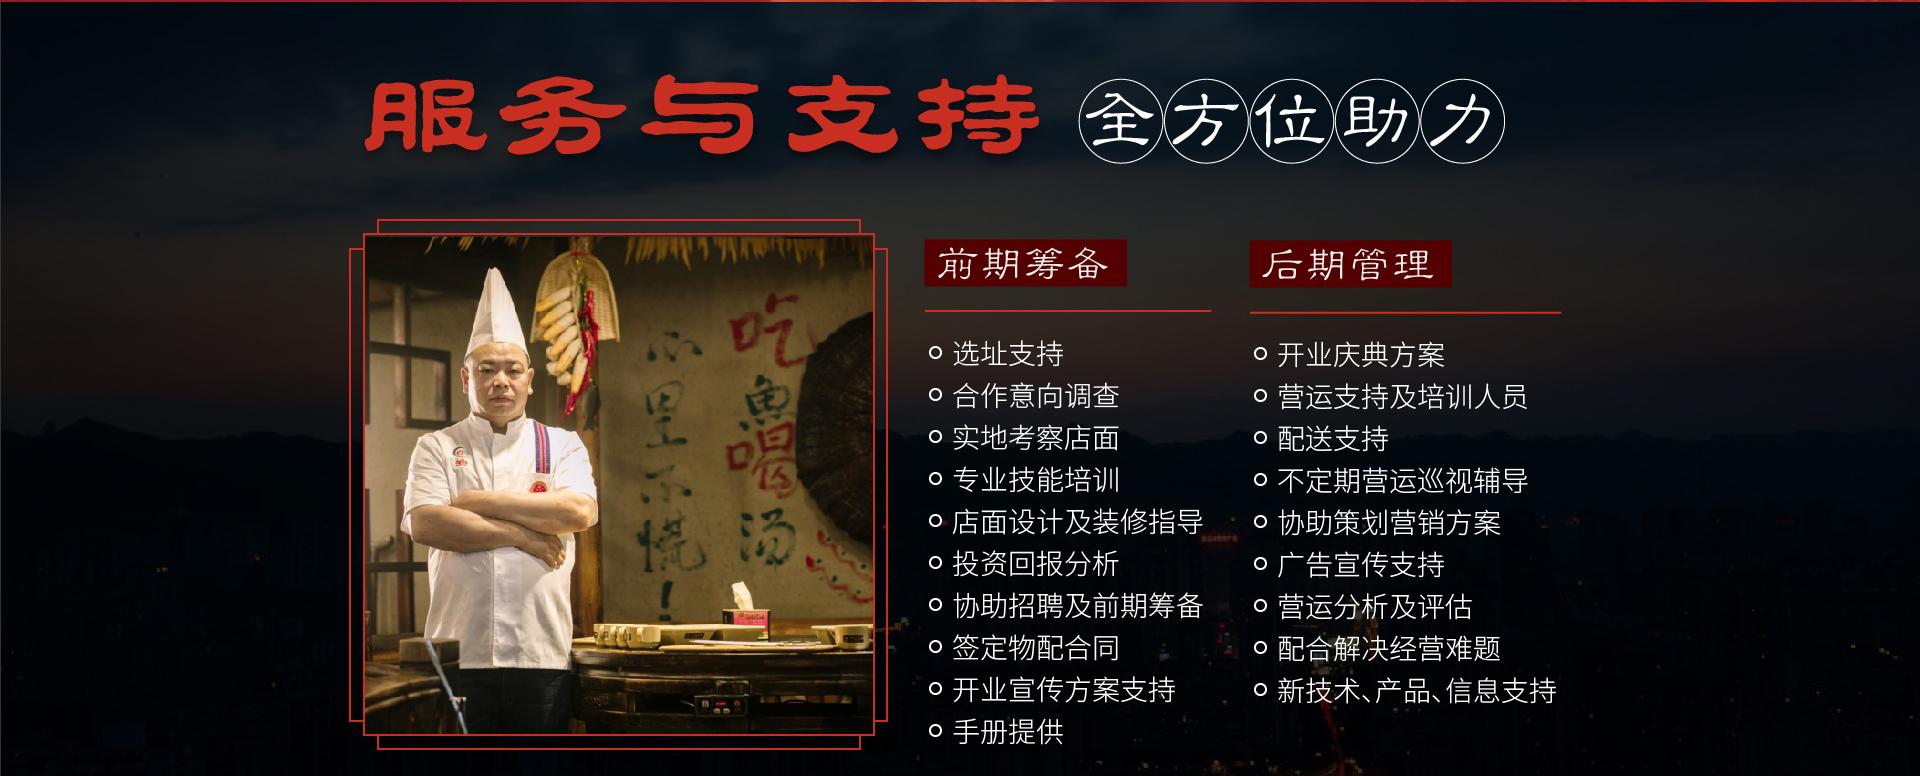 小渔棠鱼火锅xyt_11